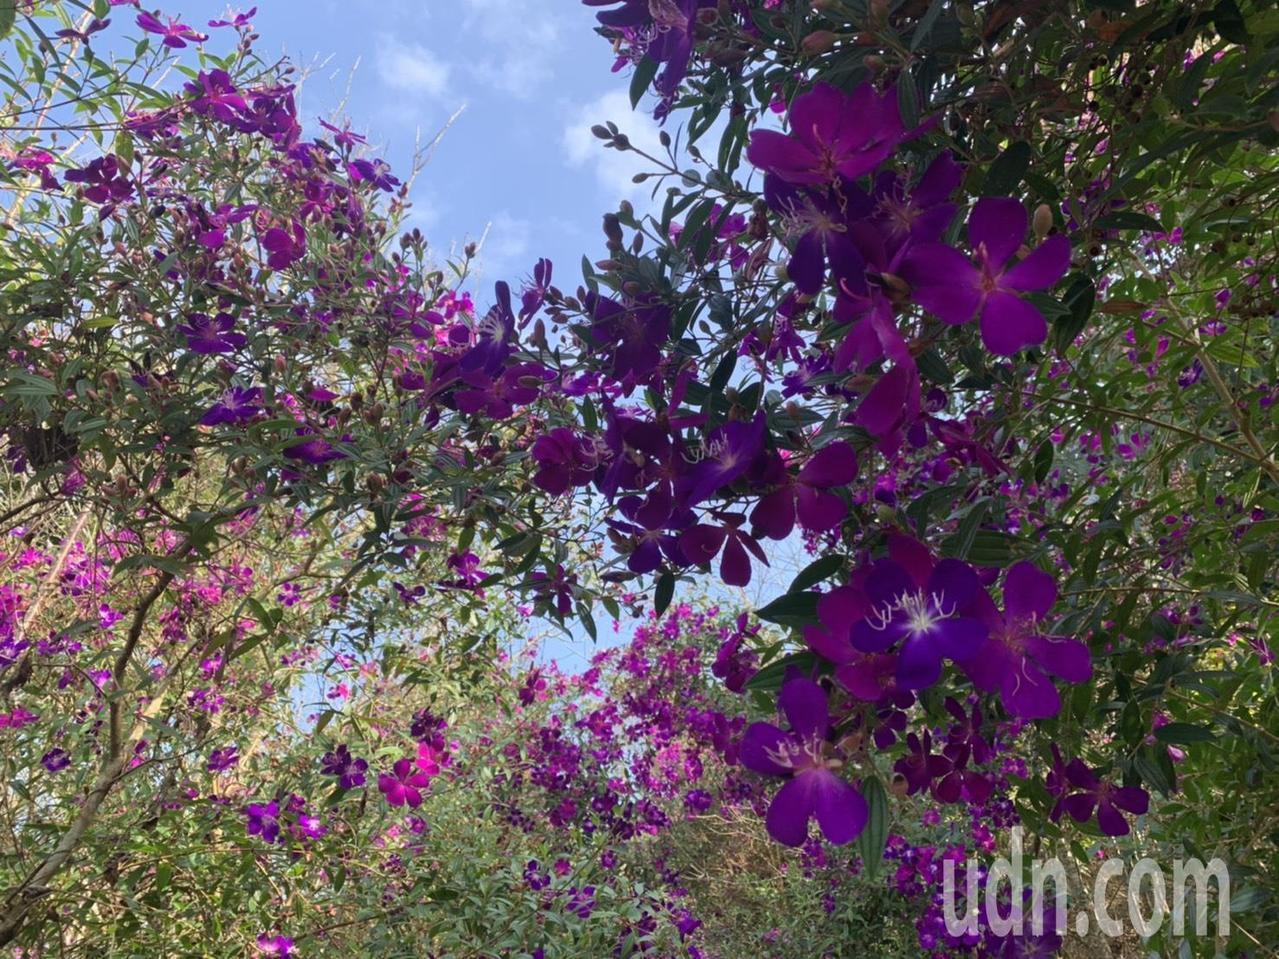 台南梅嶺紫牡丹盛開,是新春賞花最佳景點之一。記者吳淑玲/攝影